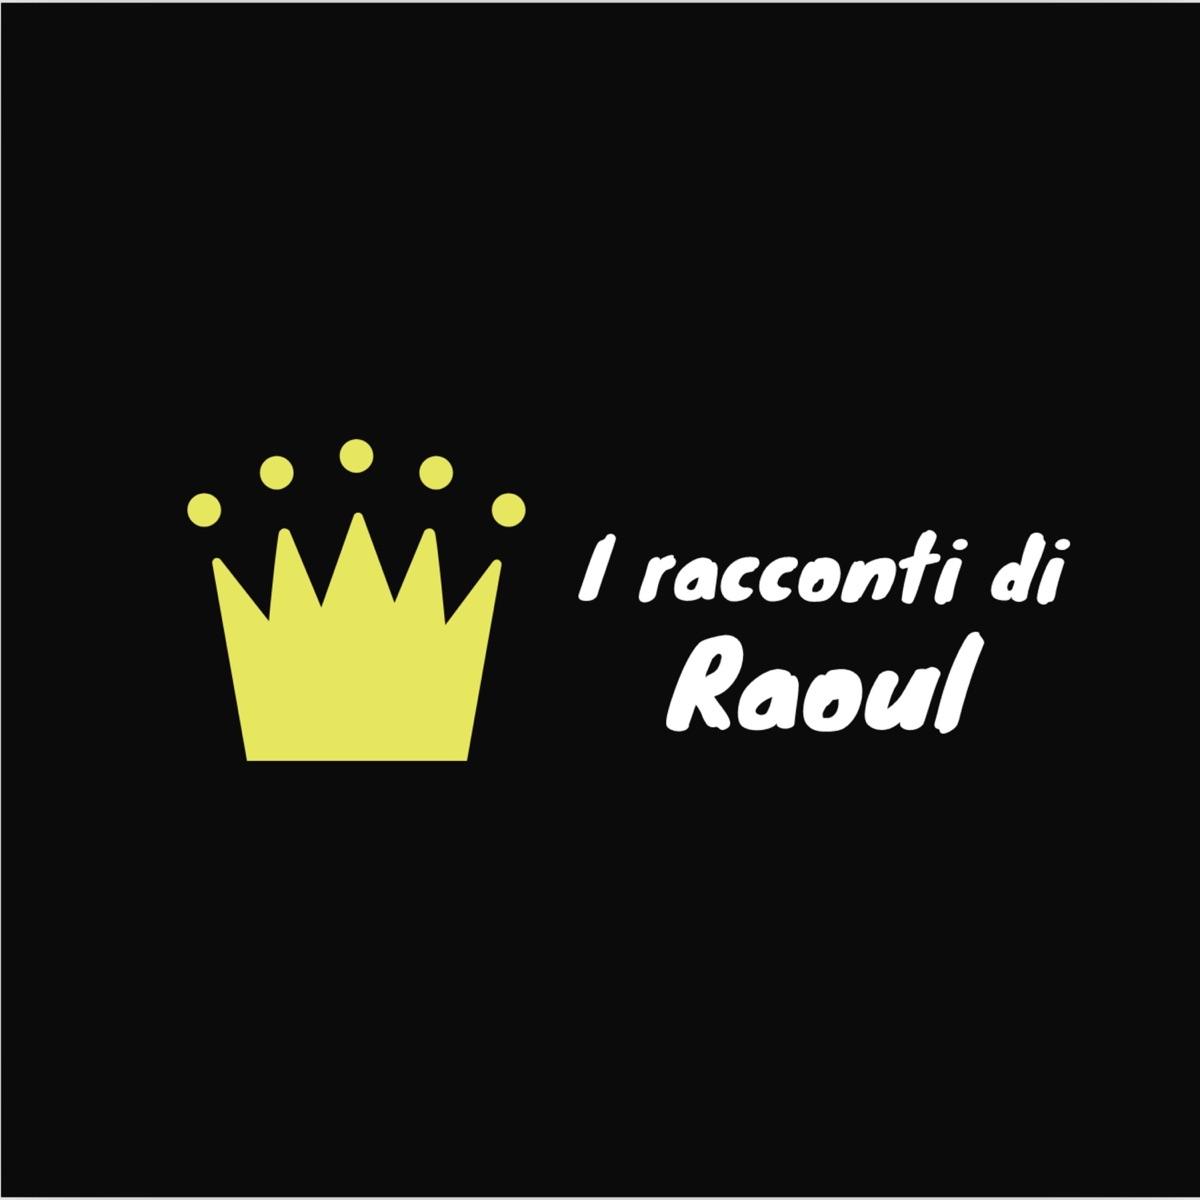 I racconti di Raoul fiabe per grandi e bambini